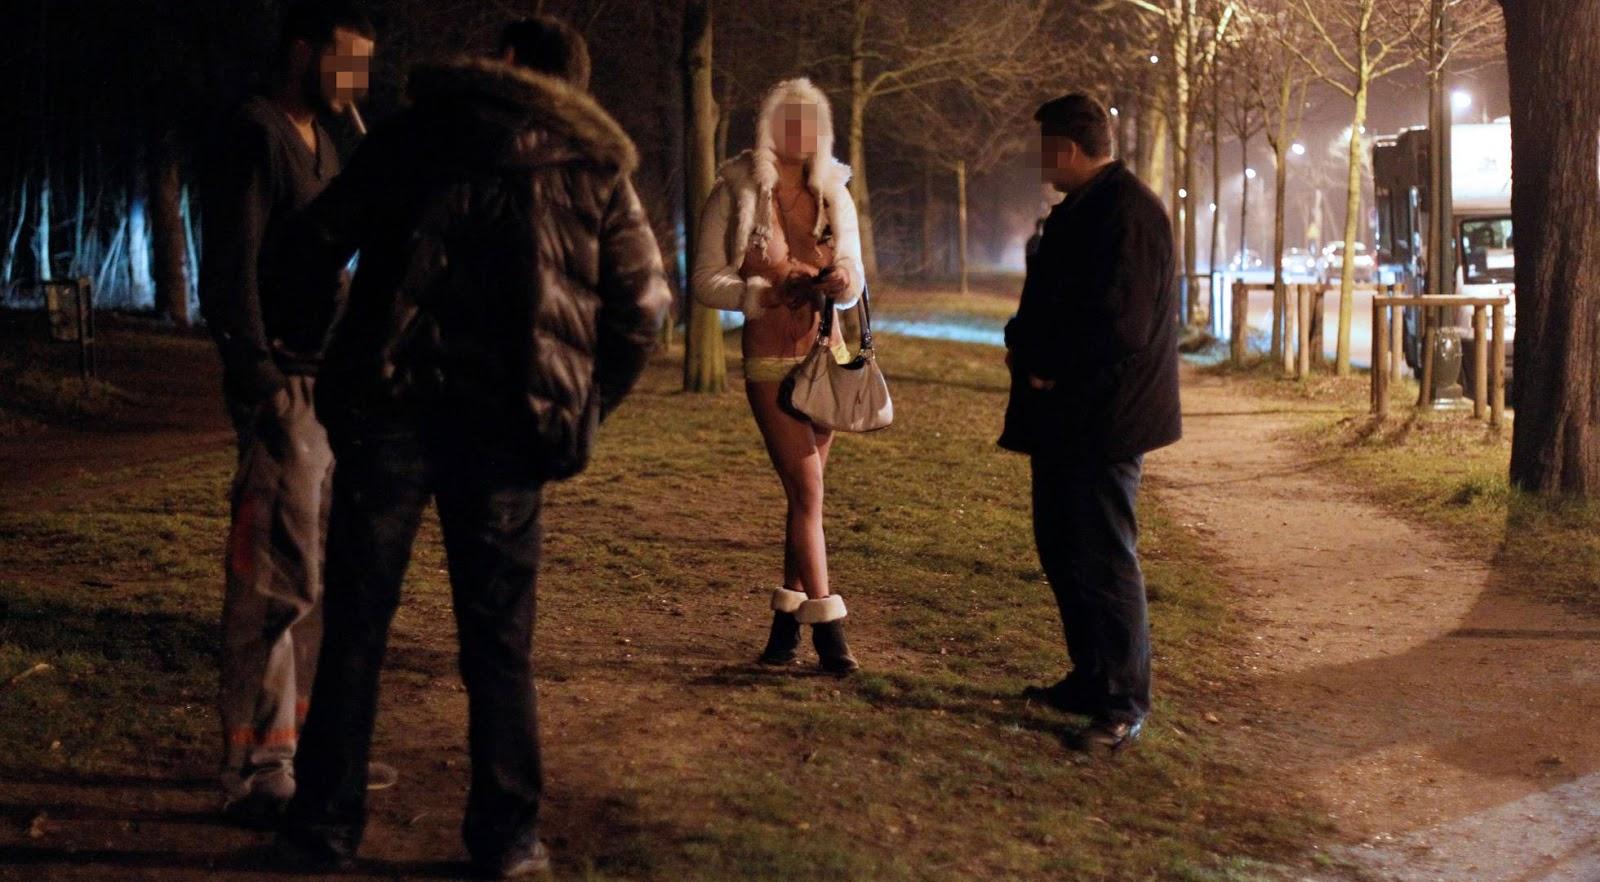 Фото иностранных проституток, случайный русский секс зрелых видео